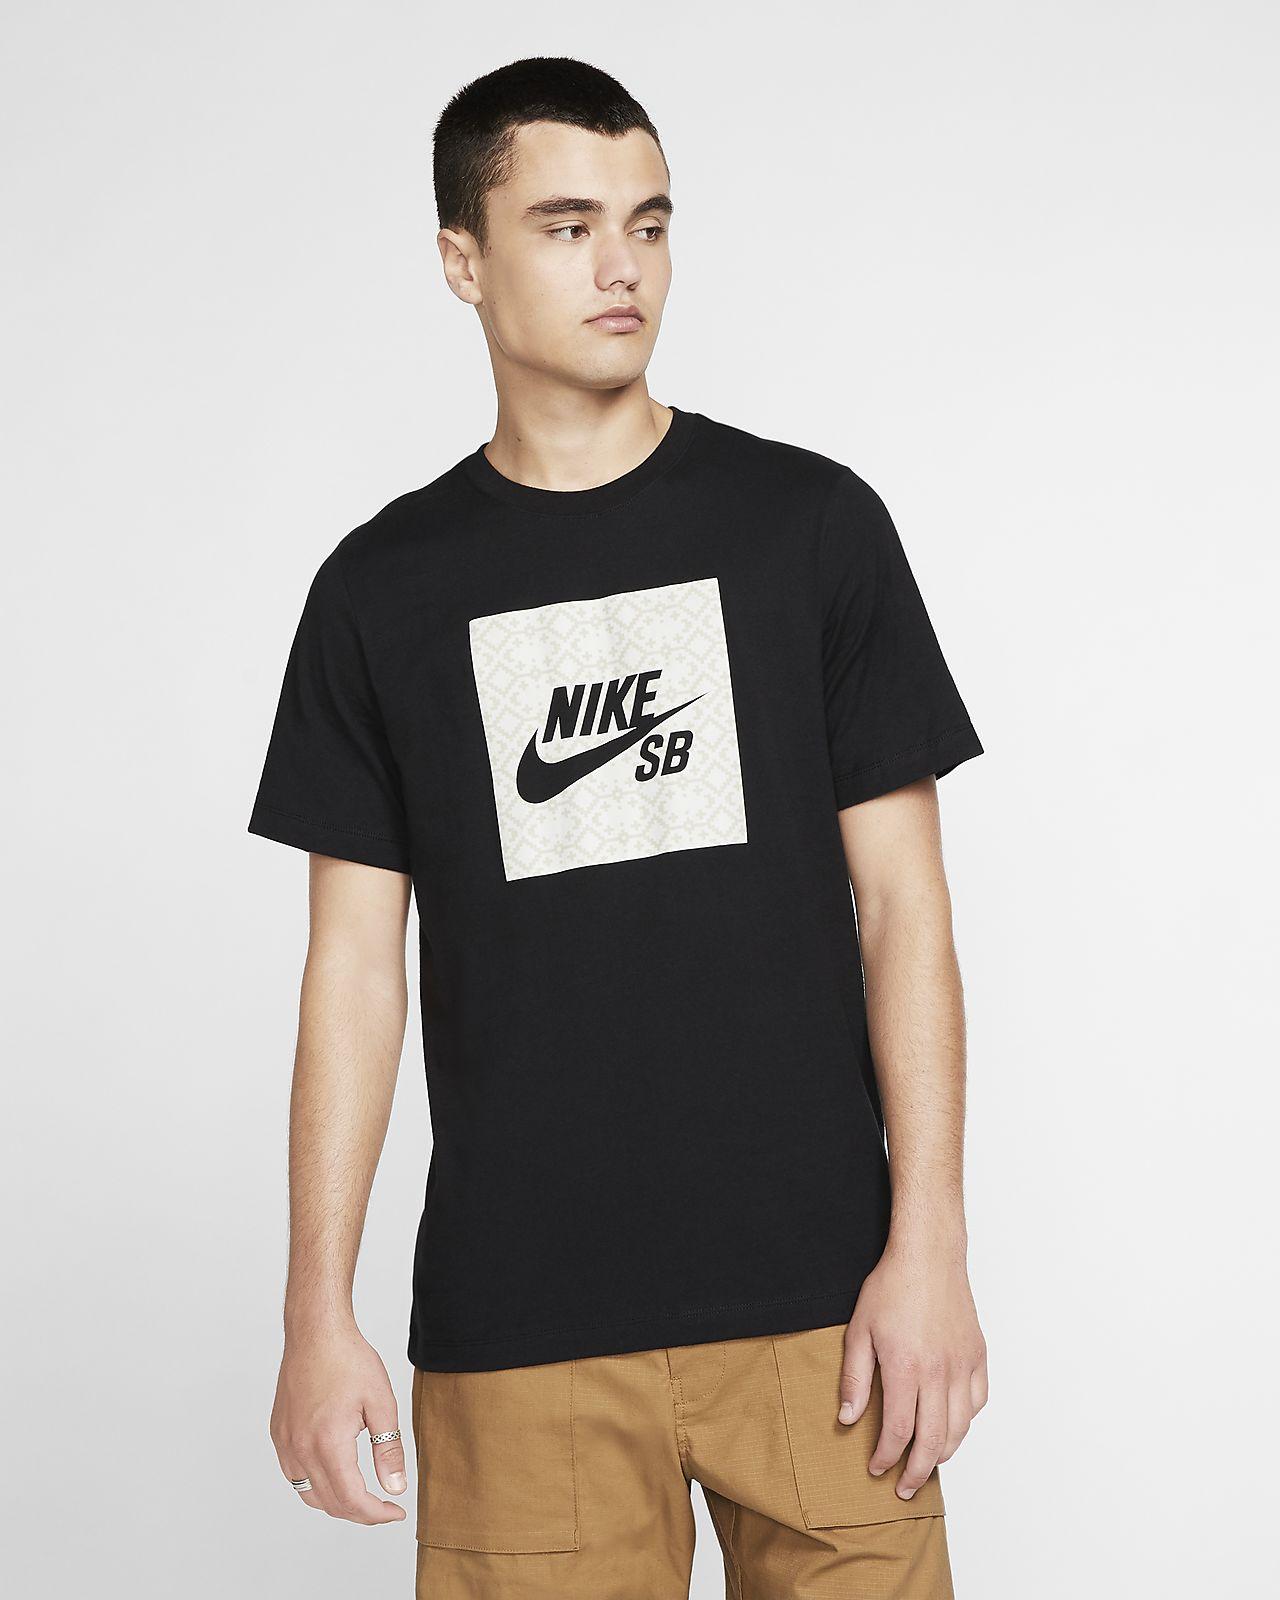 Nike SB-skater-T-shirt med logo til mænd